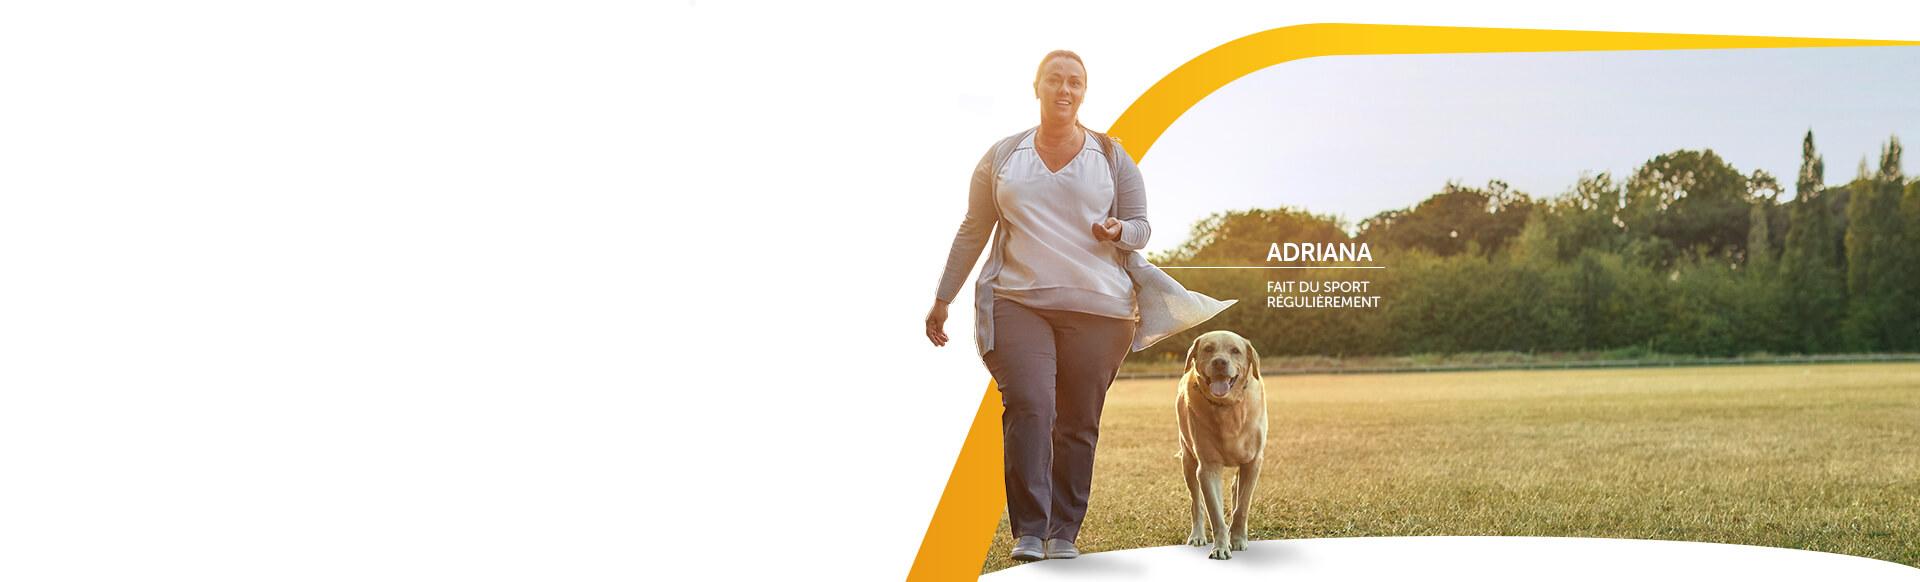 Image d'une femme qui fait de l'exercice régulièrement avec son chien